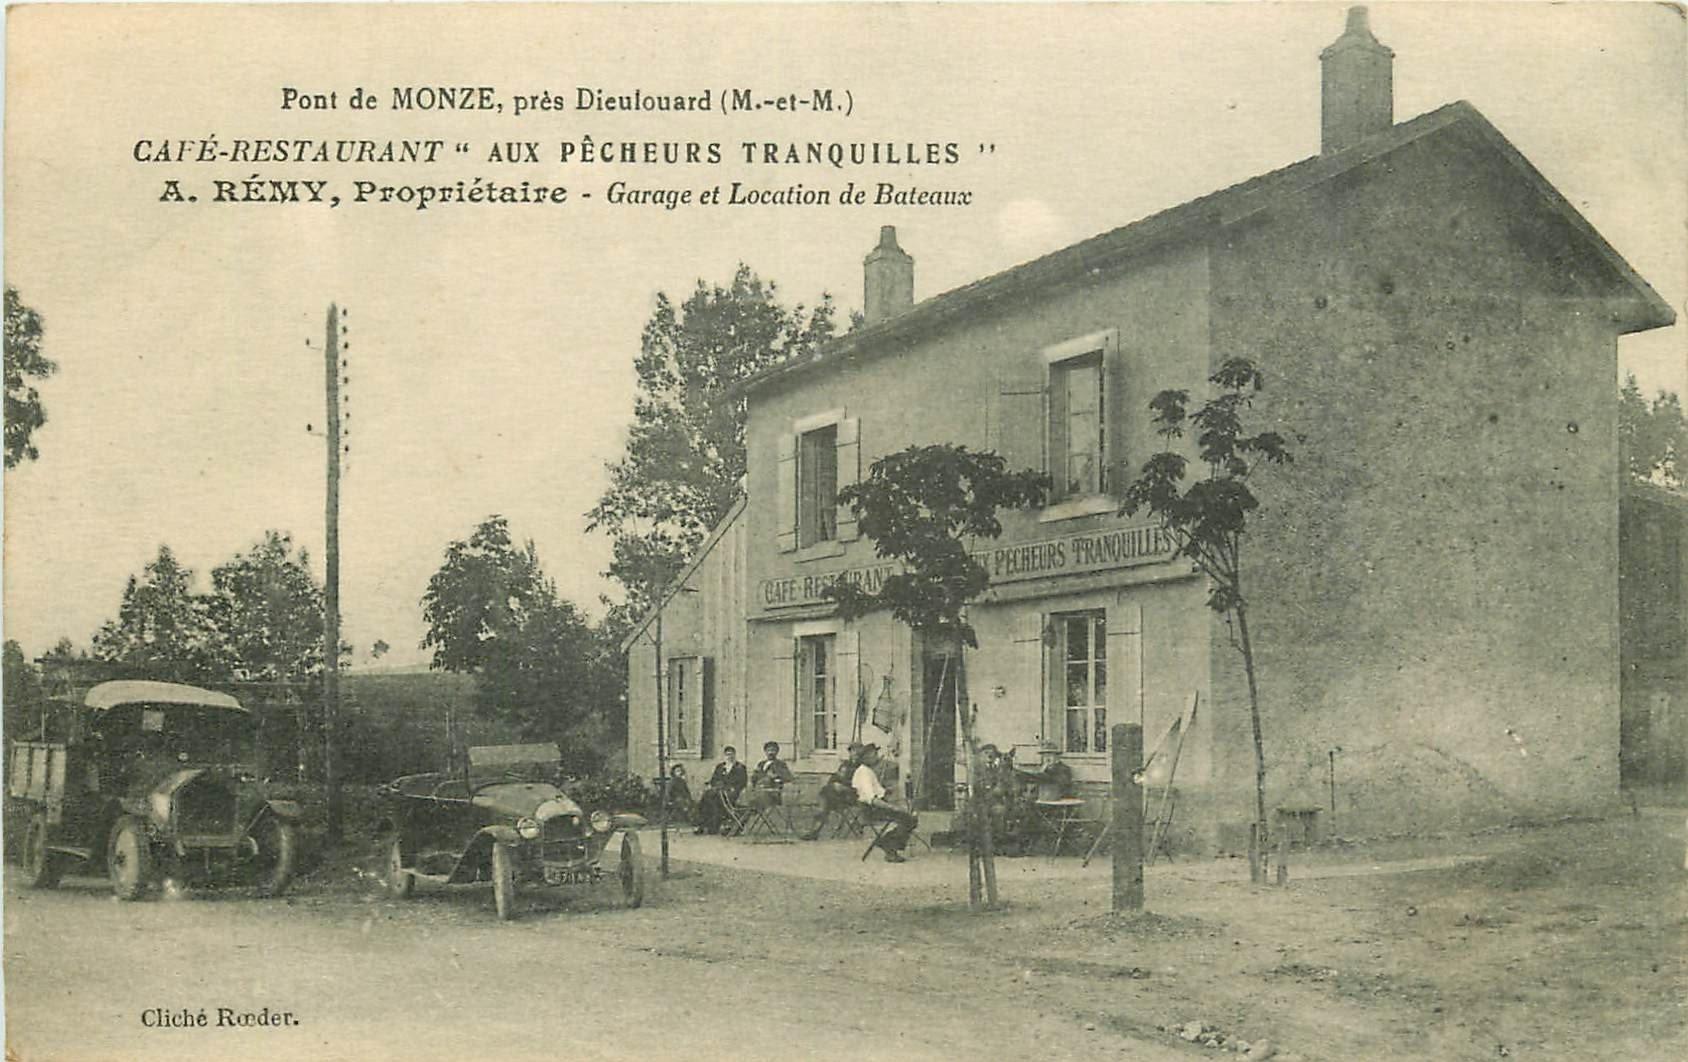 """WW 54 PONT DE MONZE. Café Restaurant """" Aux Pêcheurs tranquilles """" voiture et camion anciens"""